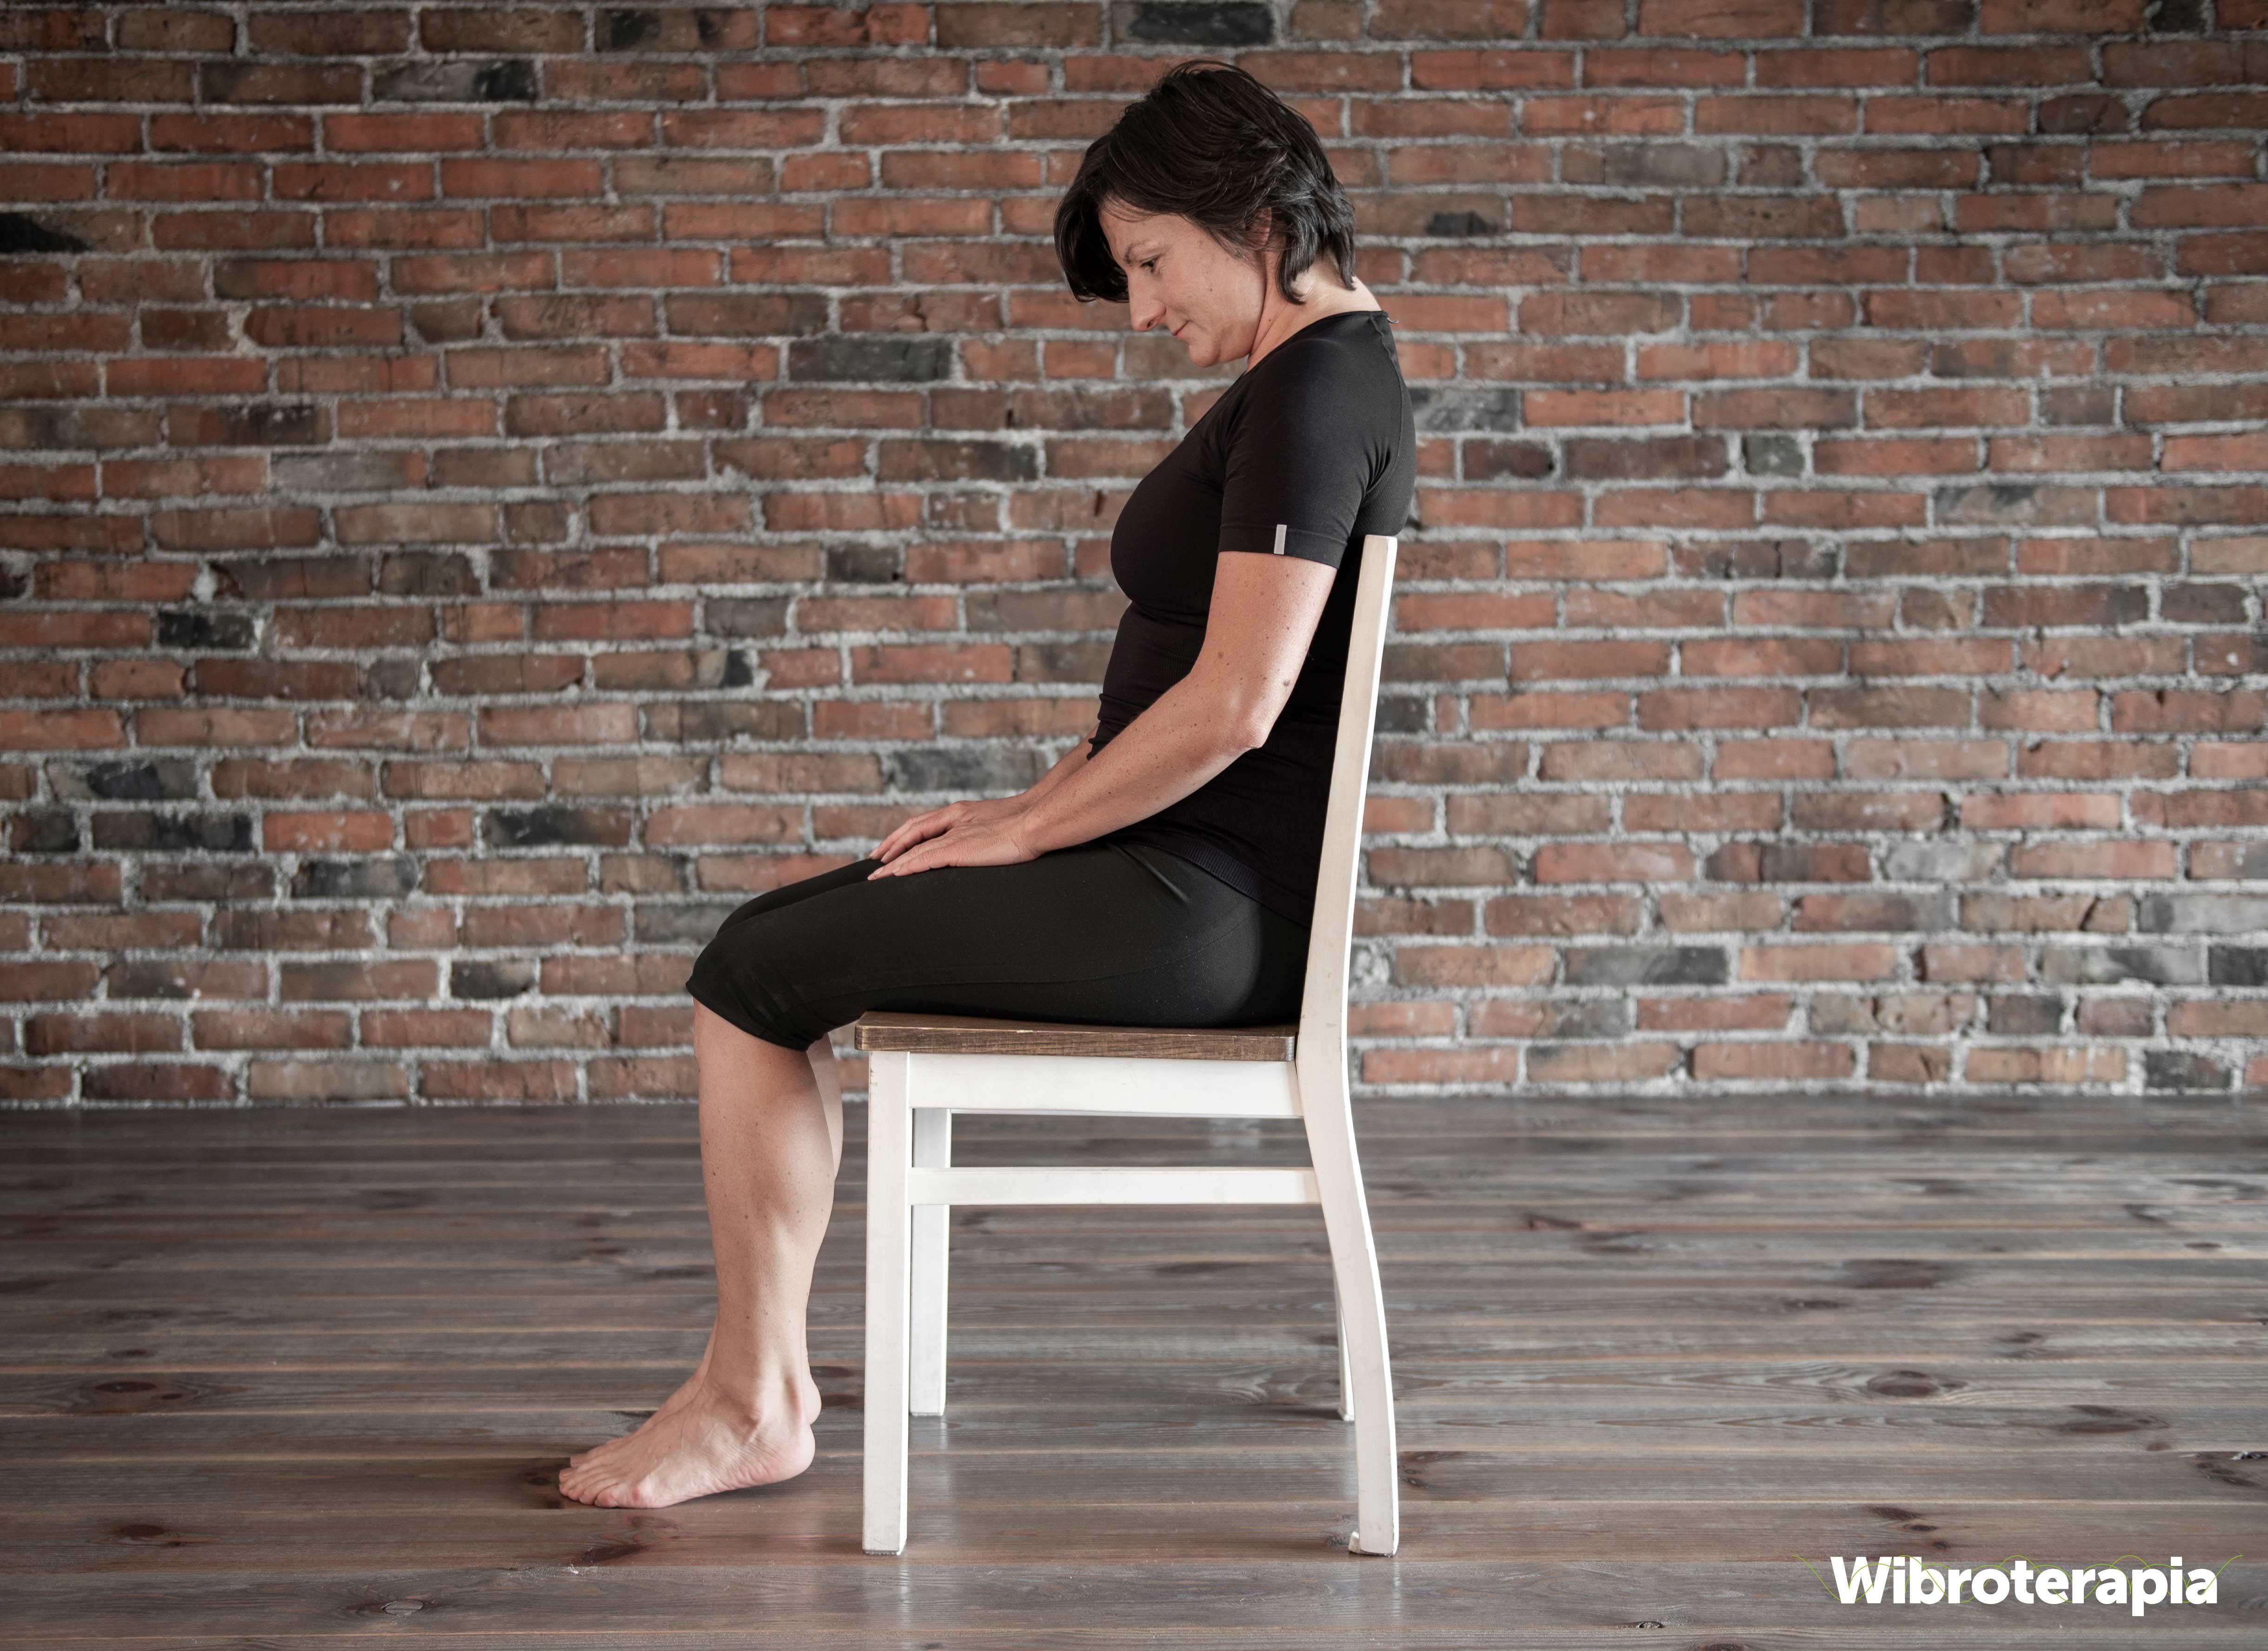 Ćwiczenia na ból szyi i karku - przyciąganie podbródka do klatki piersiowej